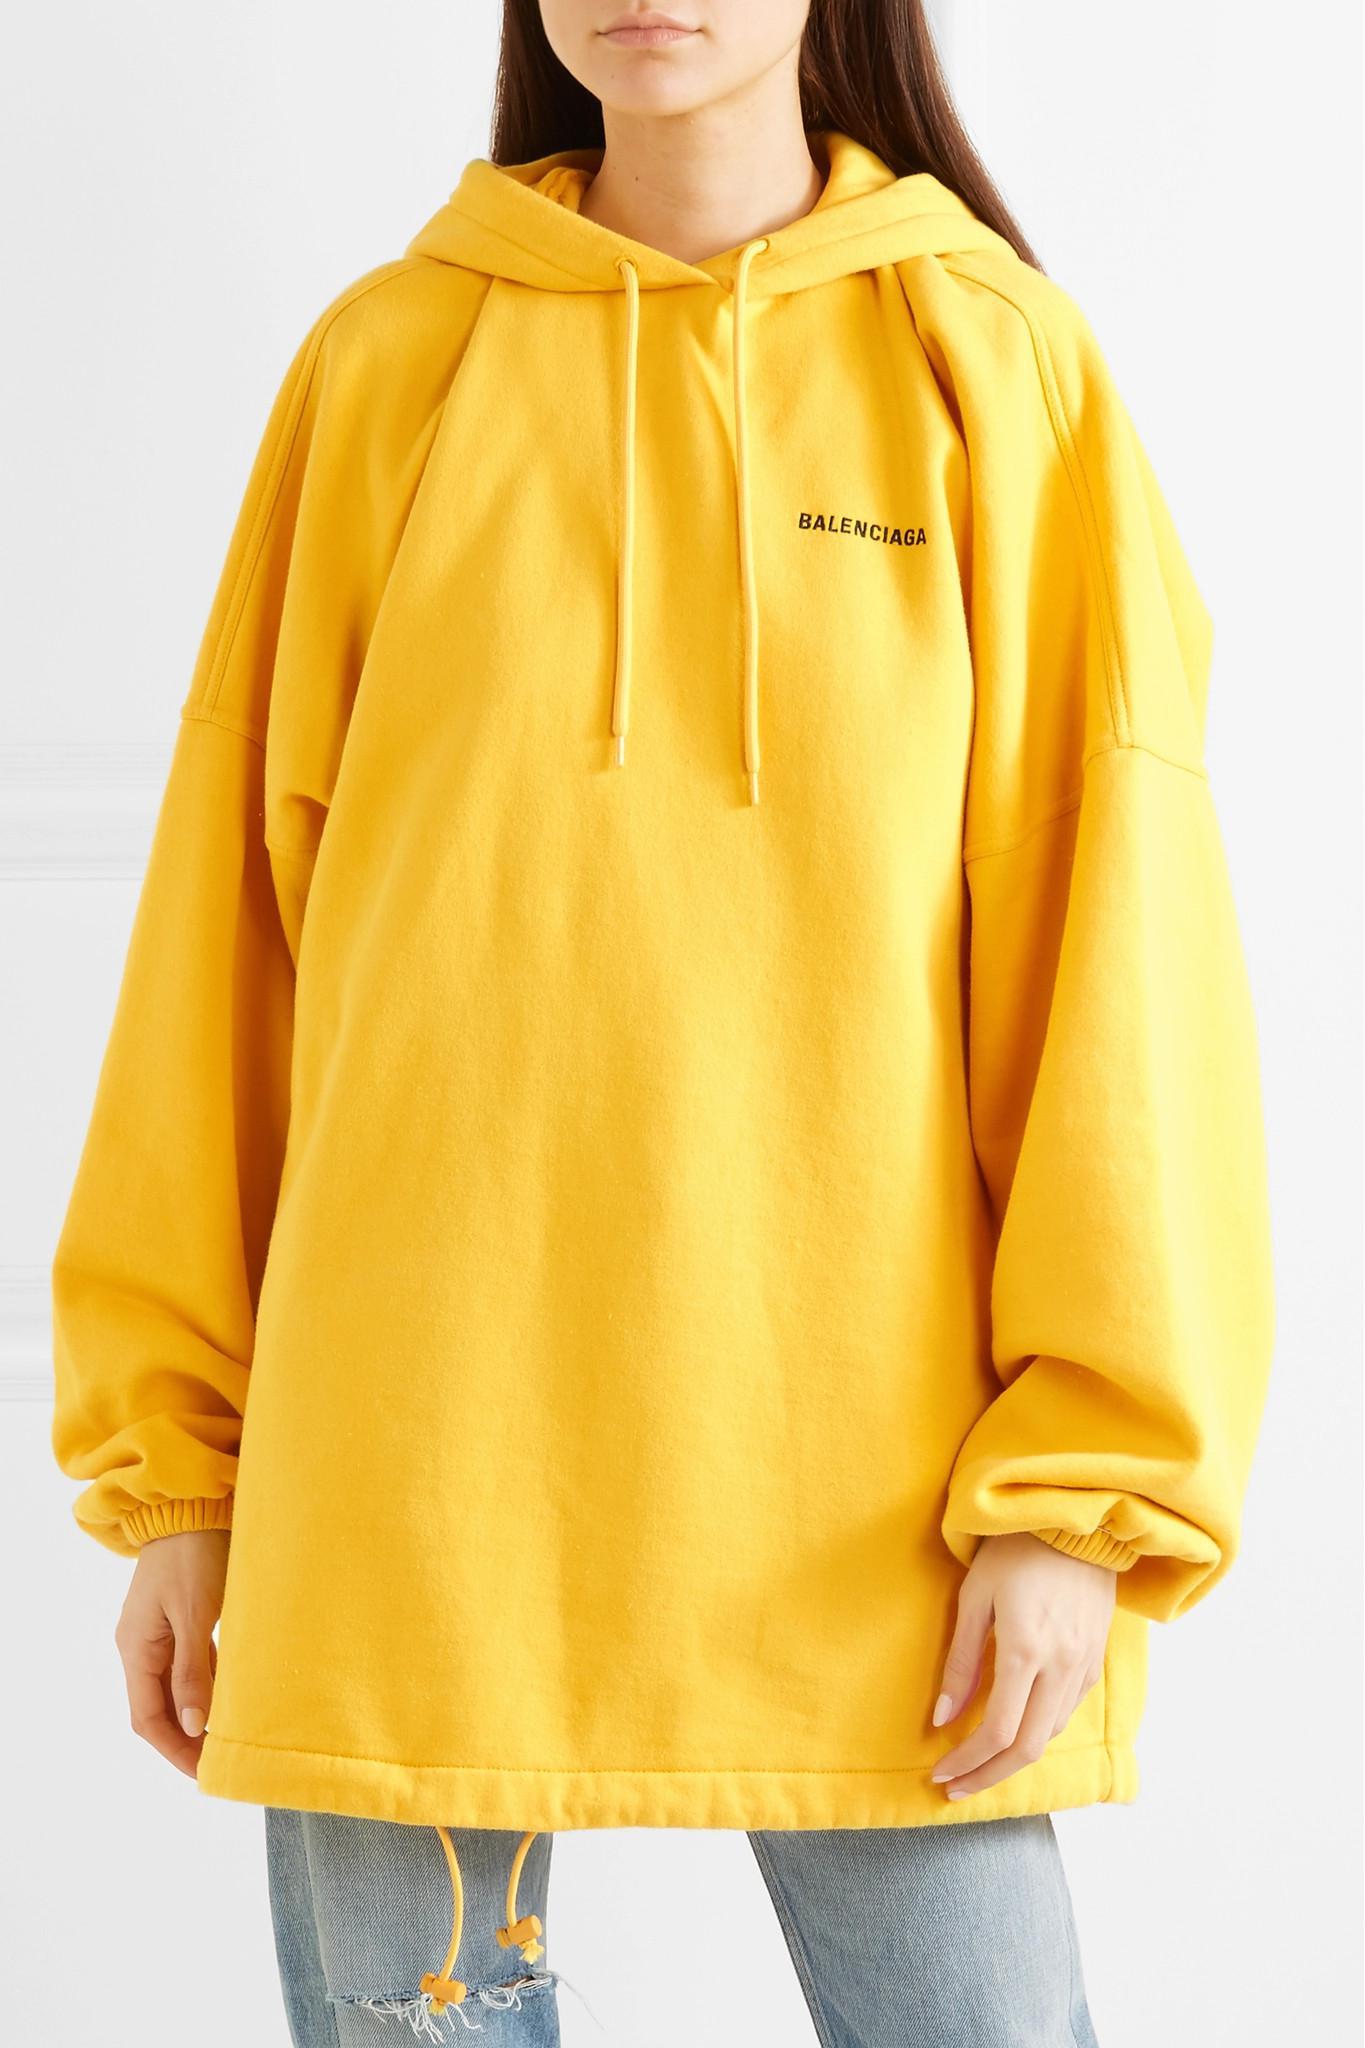 balenciaga oversized hoodie yellow